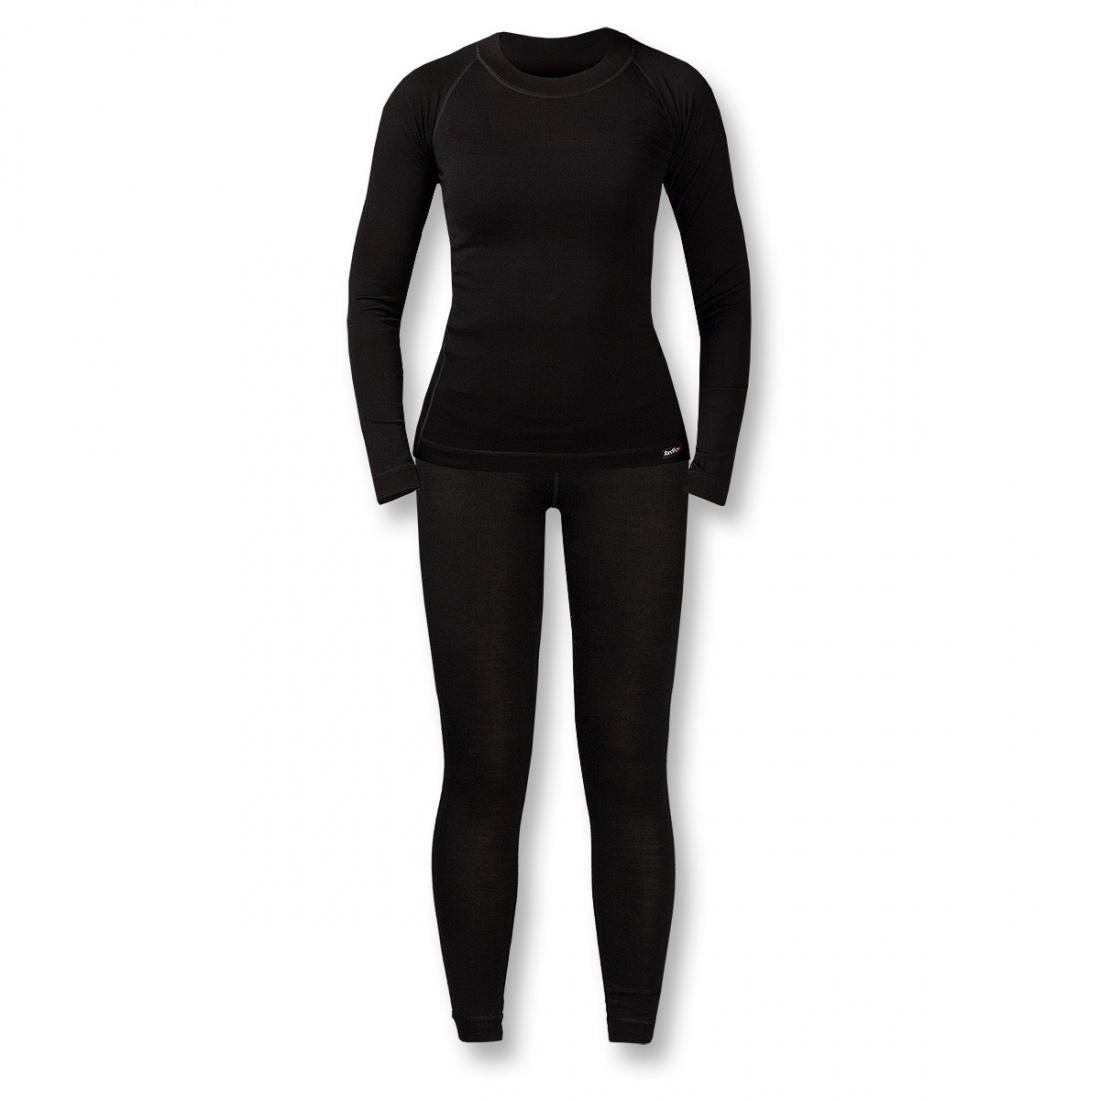 Термобелье костюм Wool Dry Light ЖенскийКомплекты<br><br> Тончайшее термобелье для женщин из мериносовой шерсти: оно достаточно теплое и пуловер можно носить как самостоятельный элемент одежд...<br><br>Цвет: Черный<br>Размер: 50